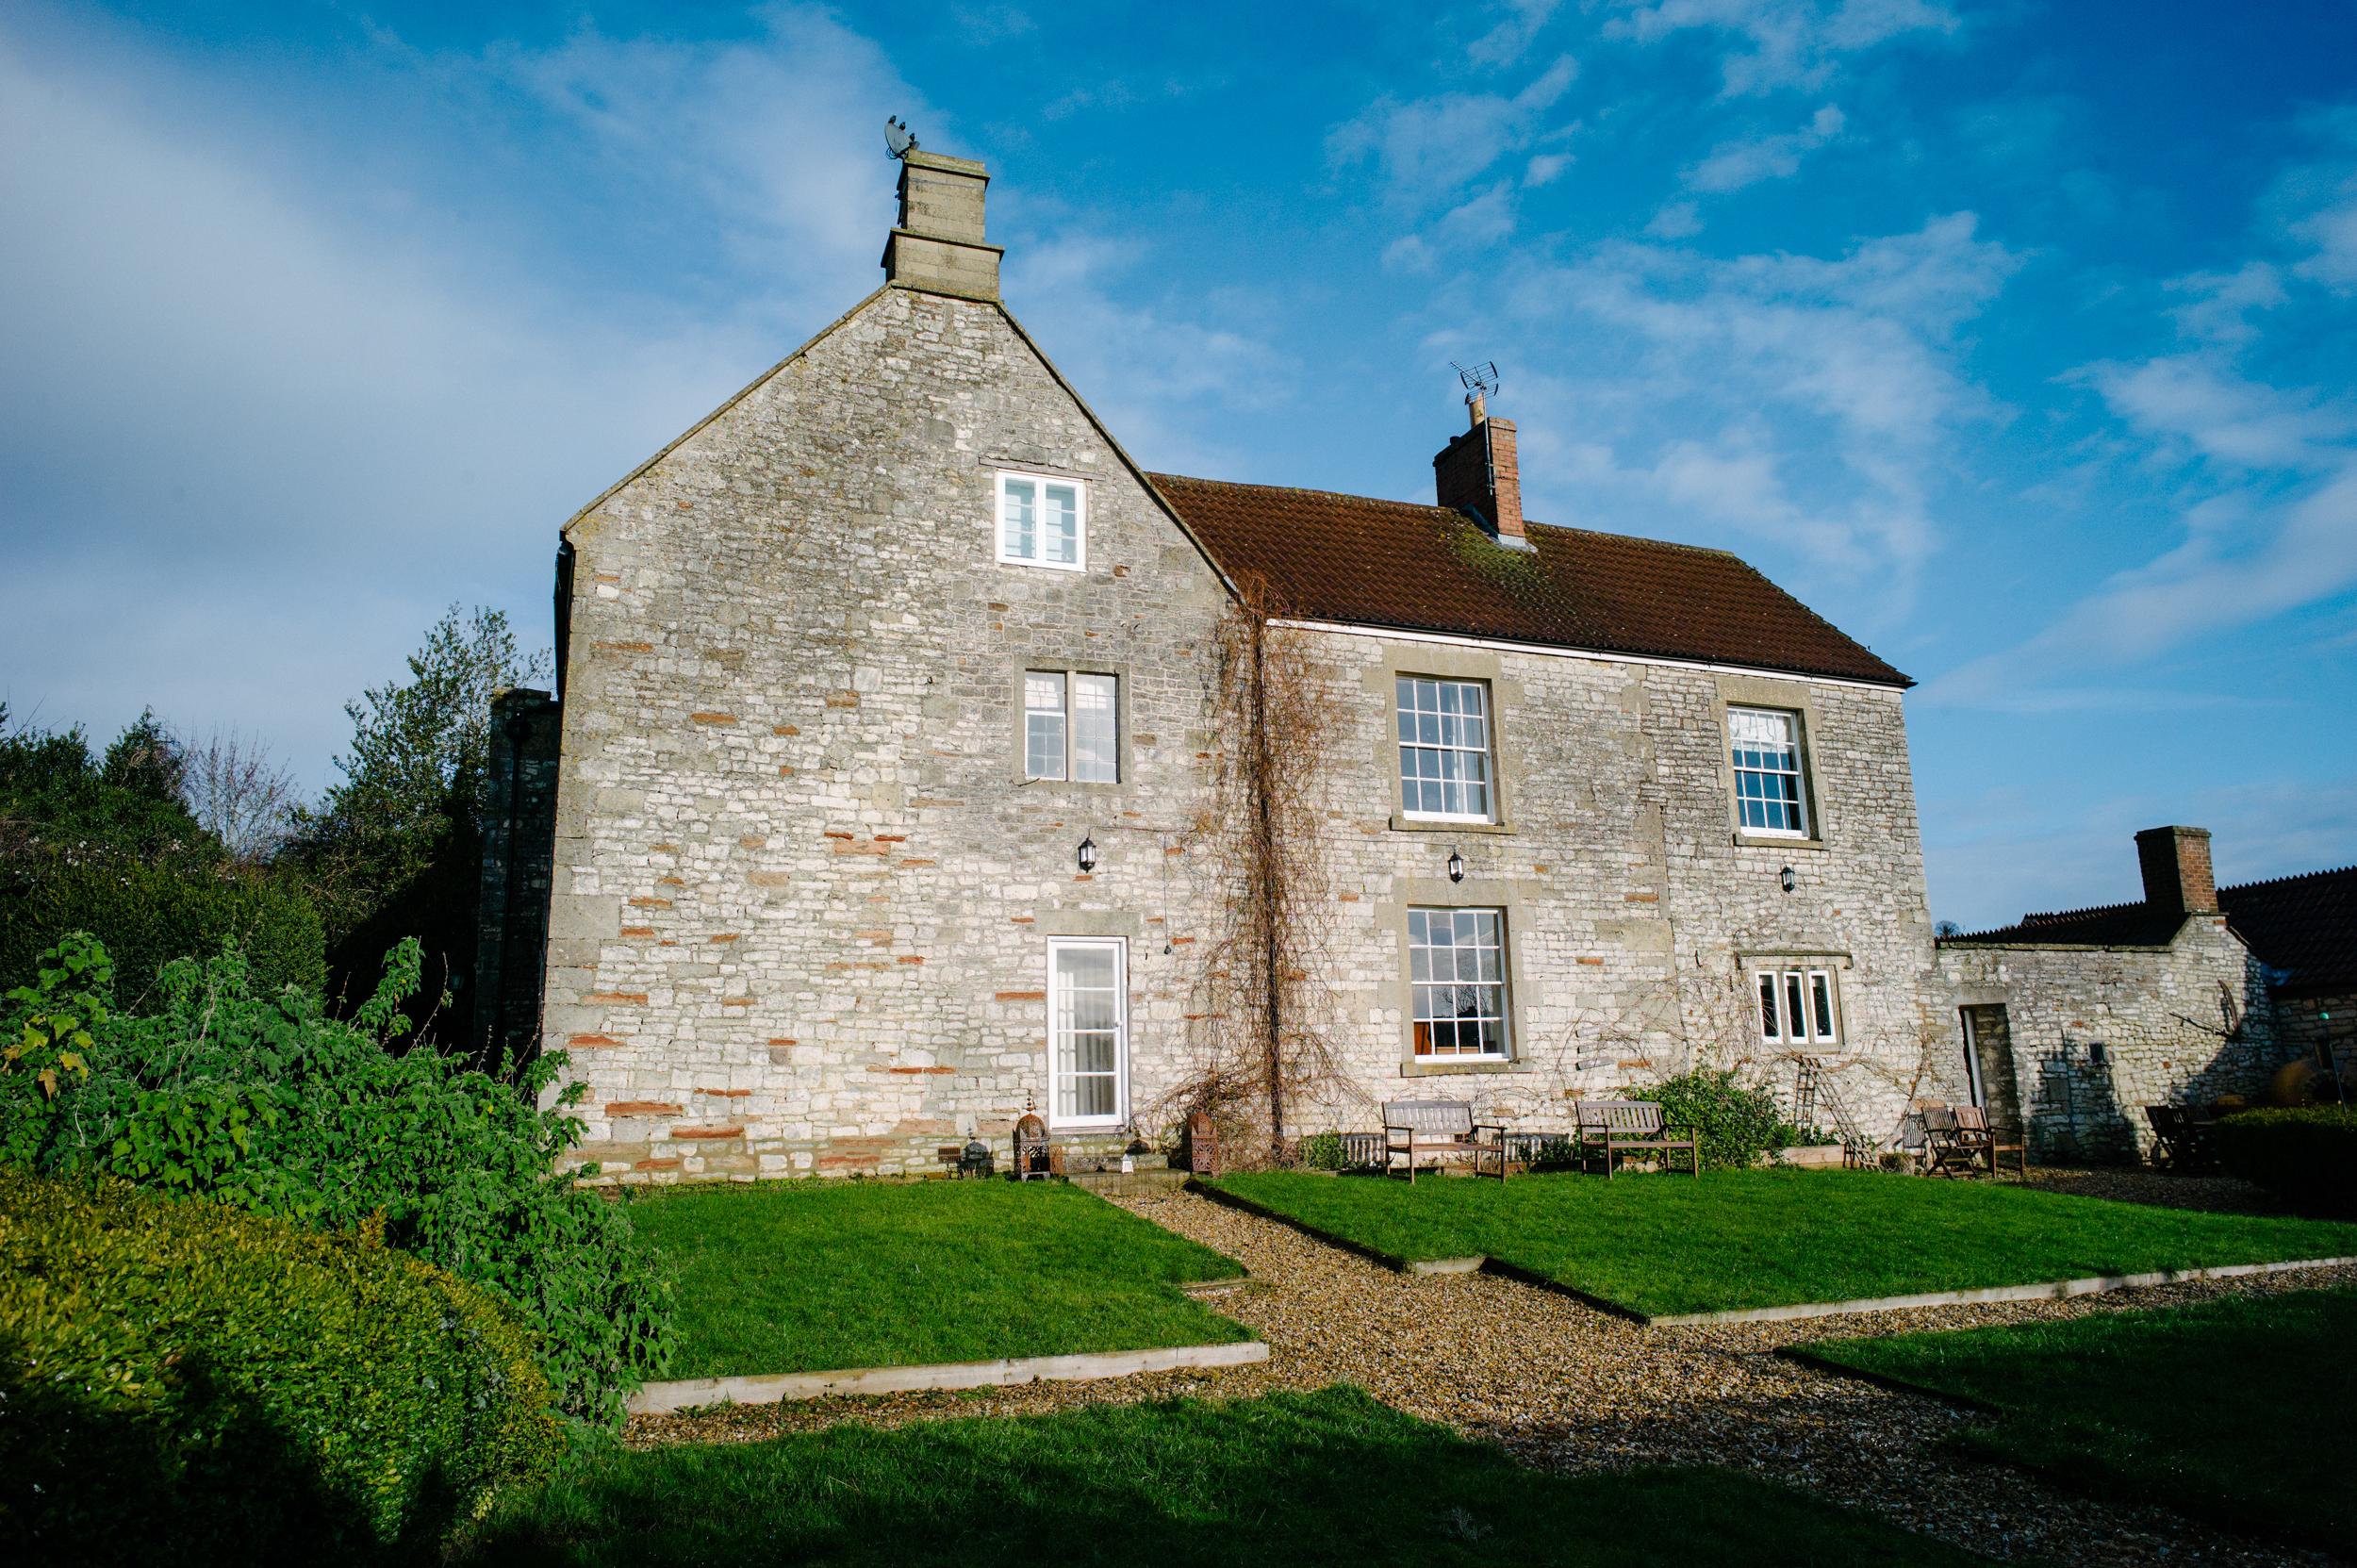 Pennleigh_Welton Manor Farm.jpg